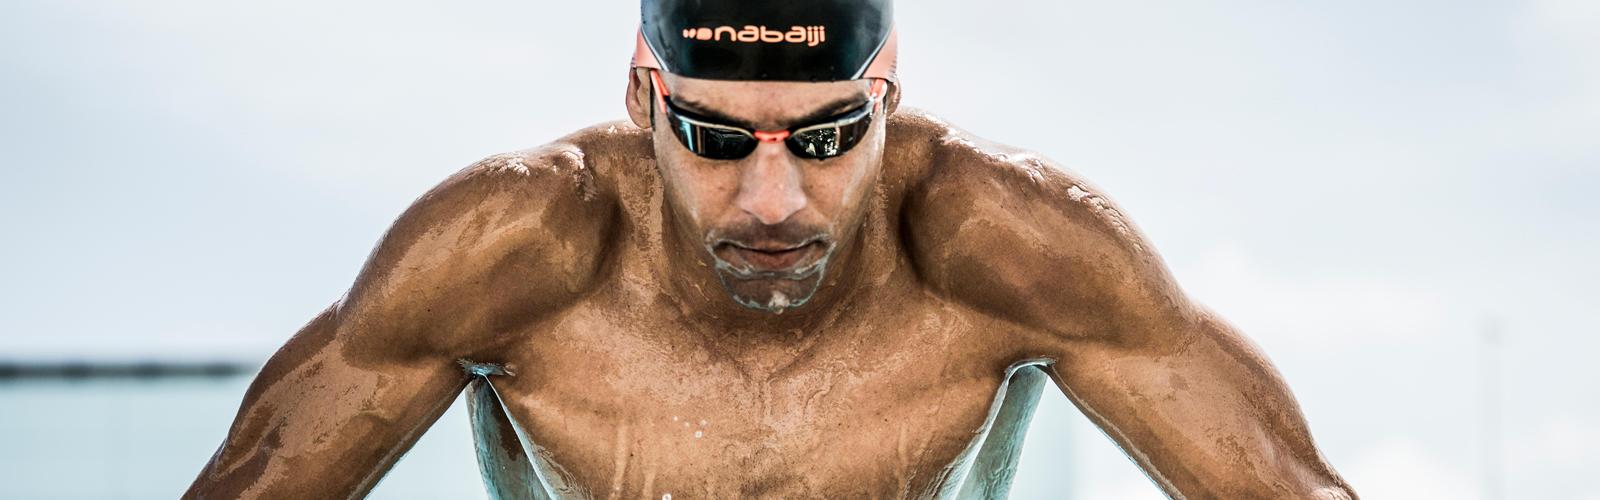 Nabaiji marque de natation - Innovation